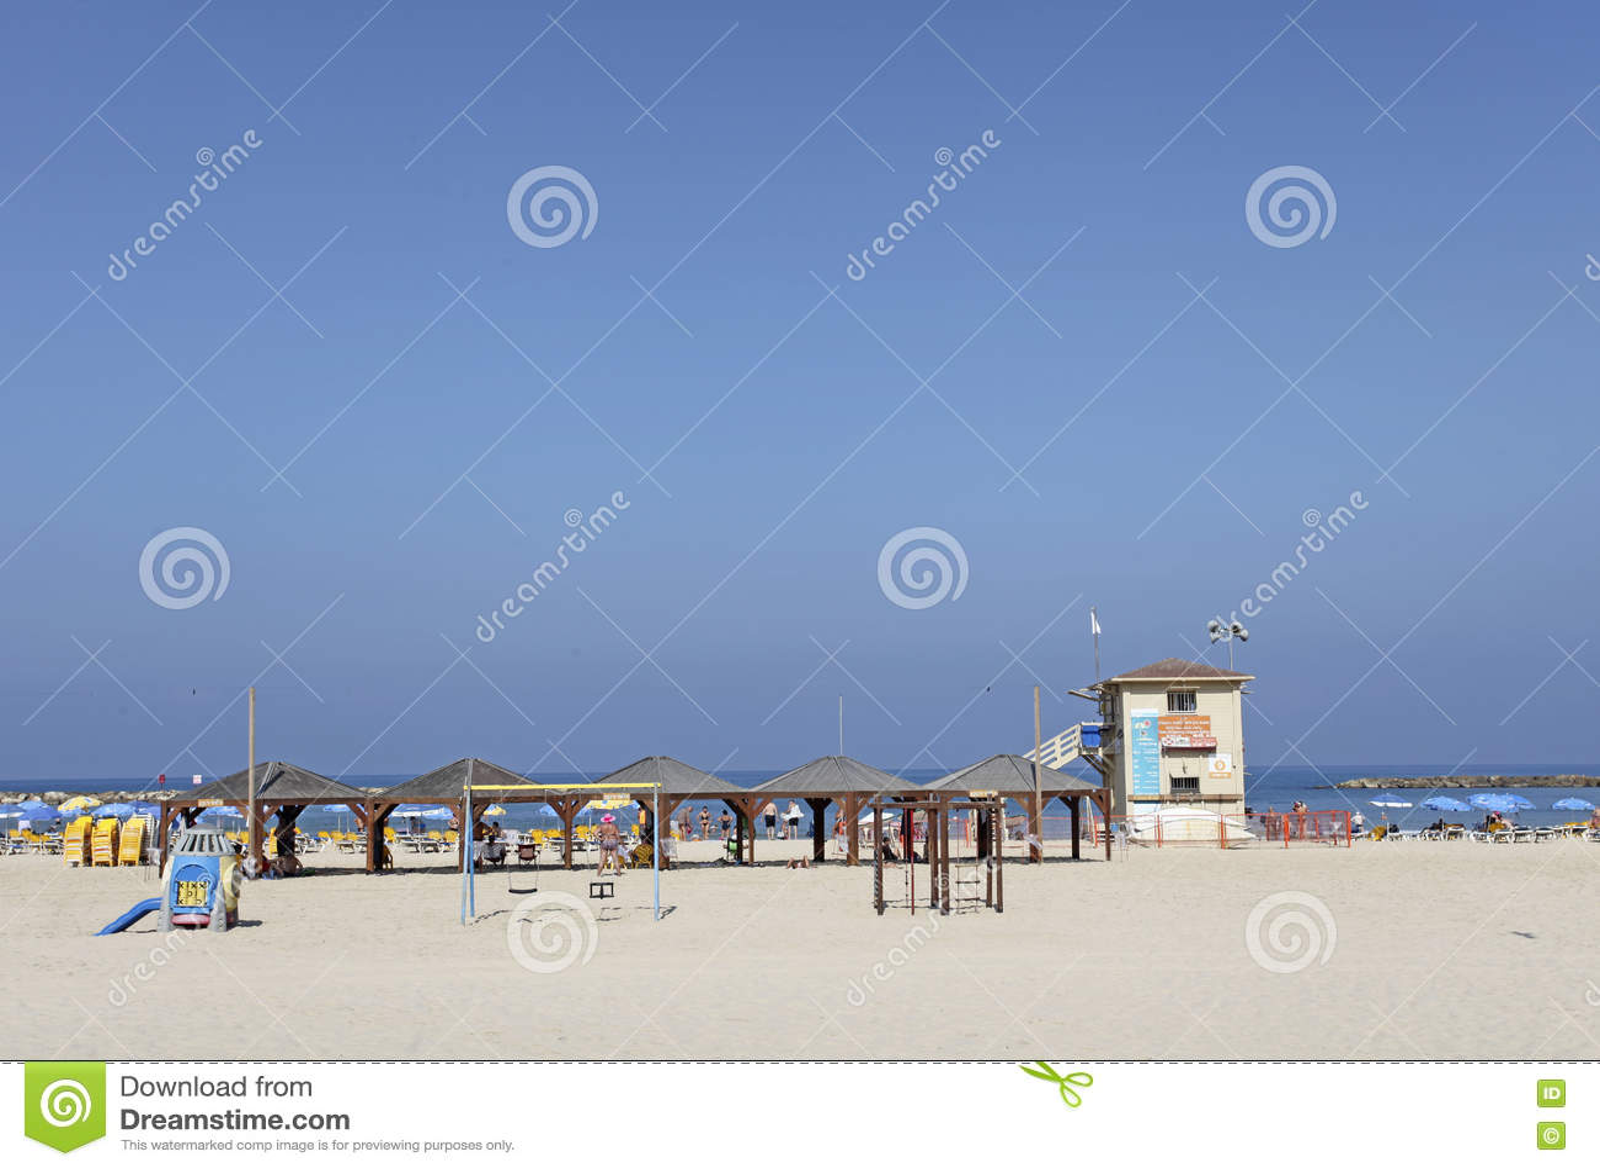 Beach in Tel Aviv, Israel